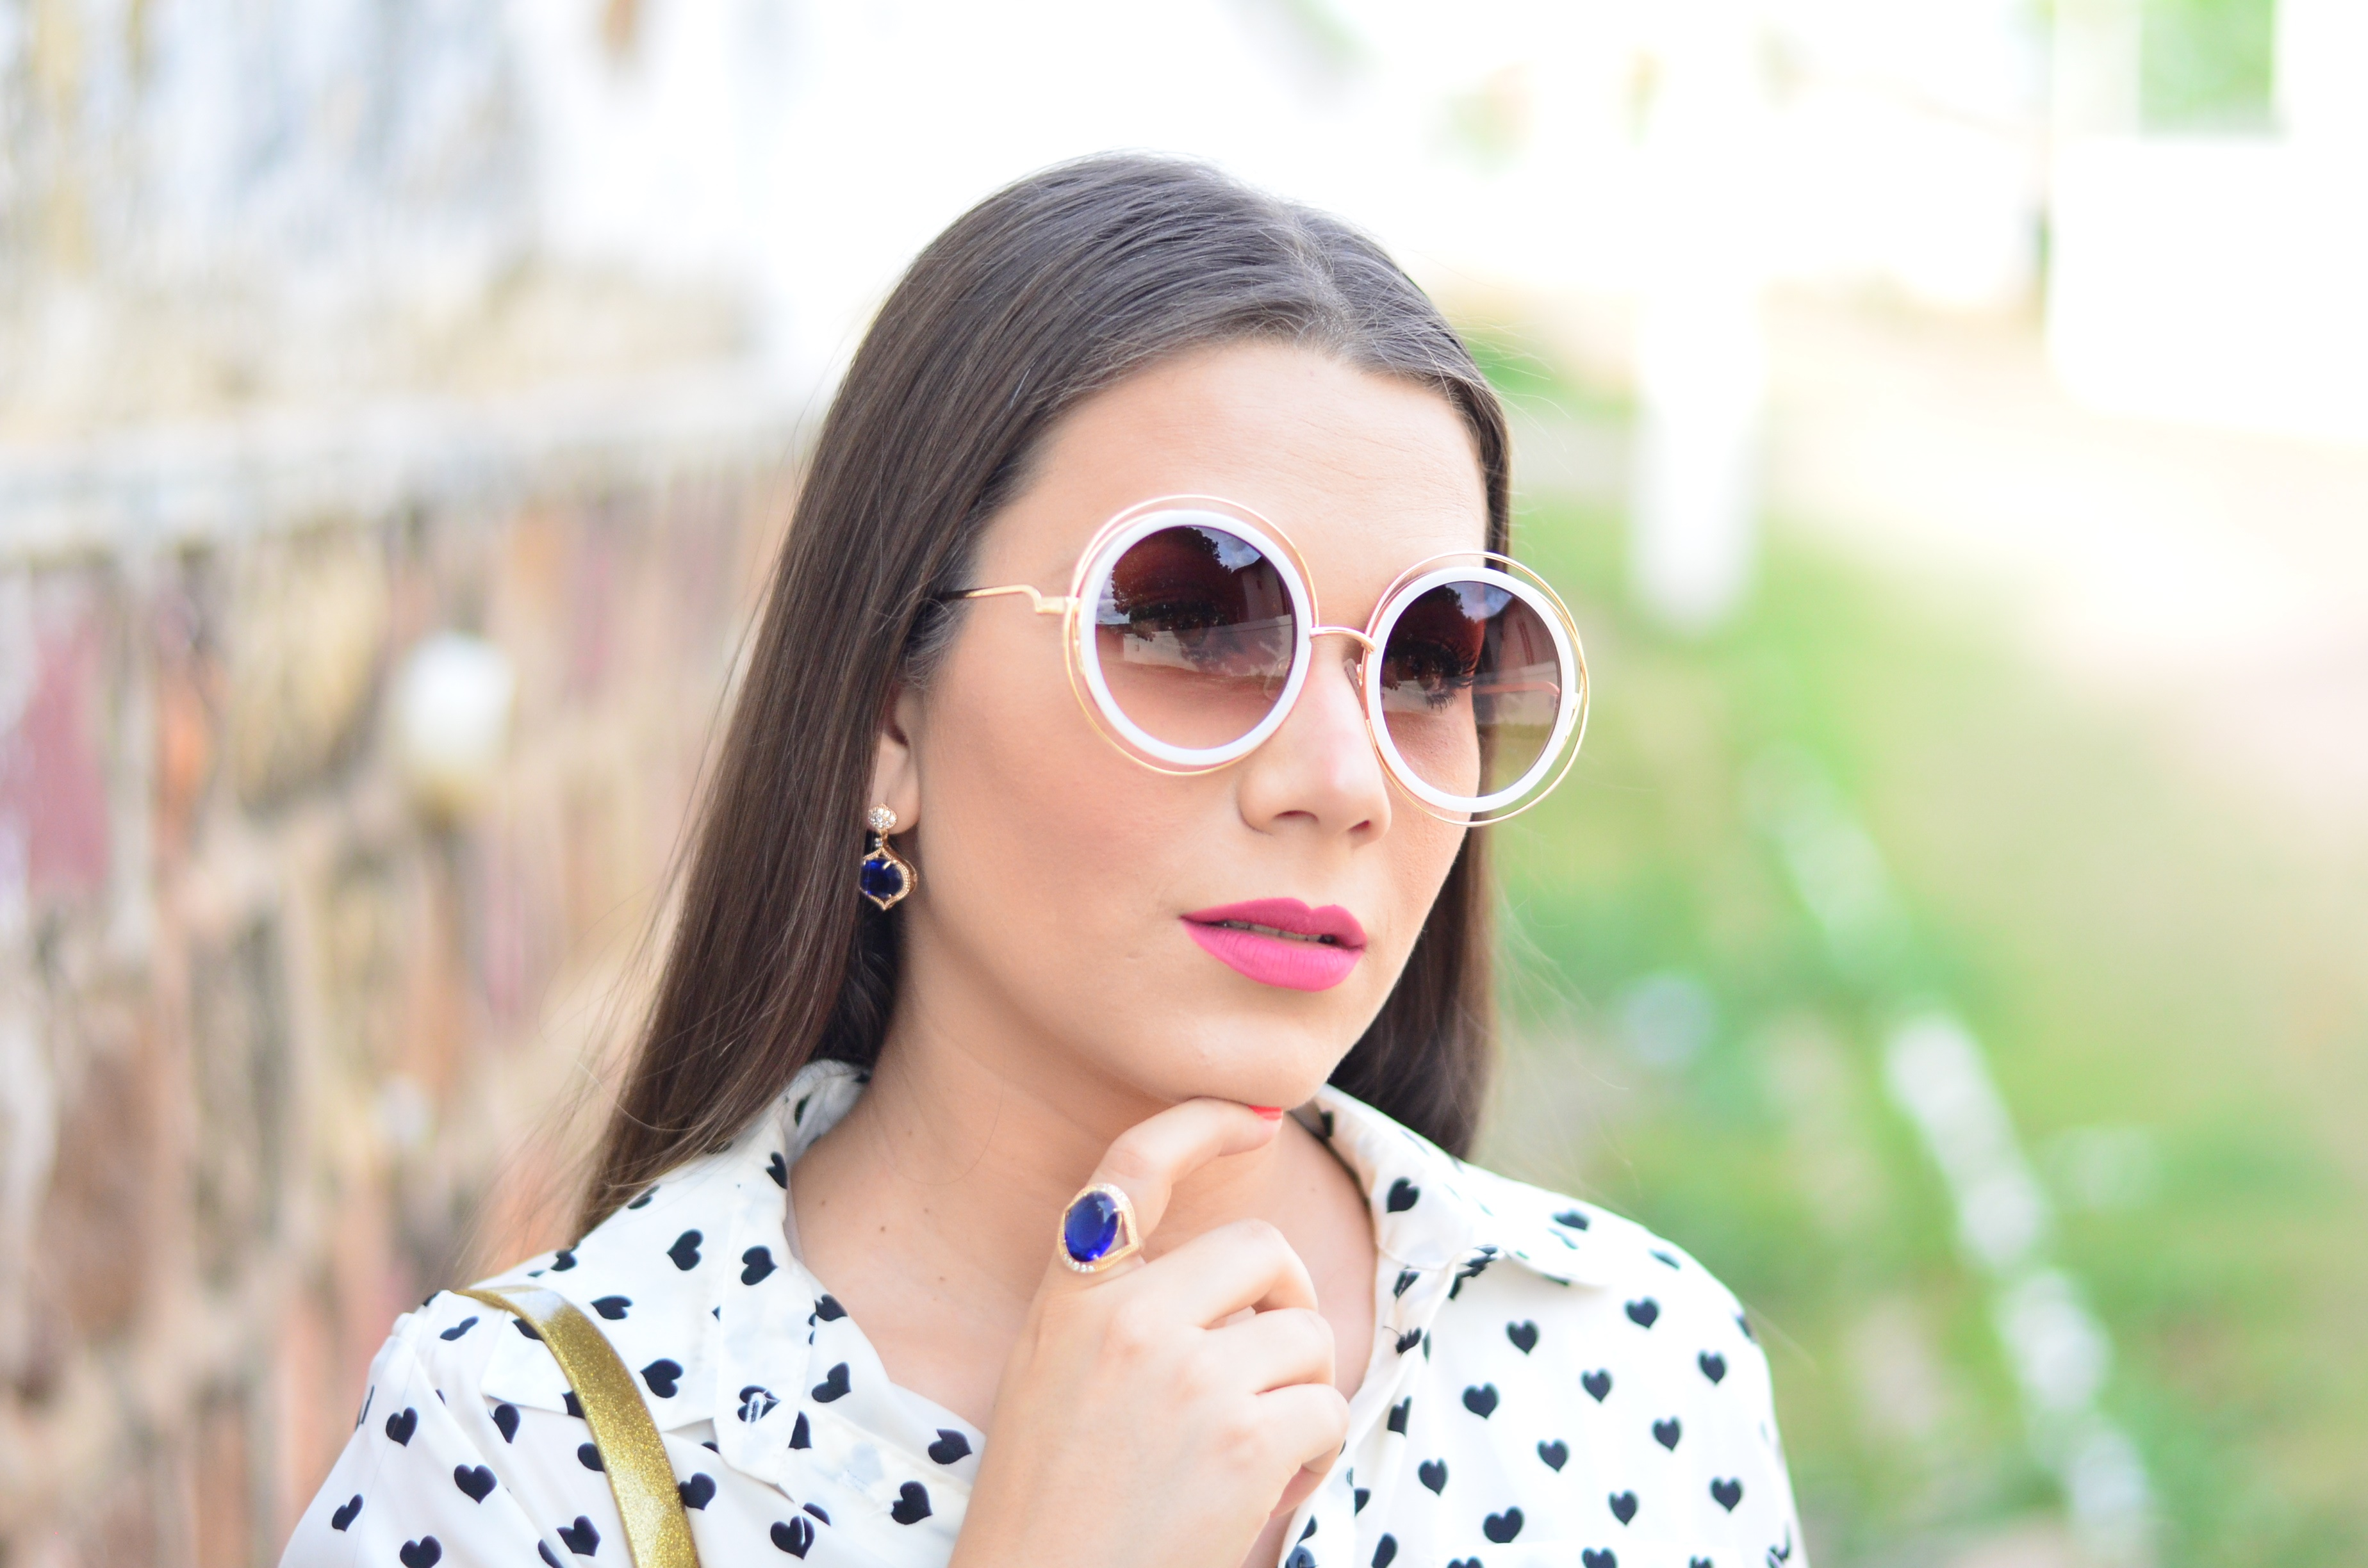 look-saia-e-camisa-branca-com-oculos-inspiracao-chloe-20